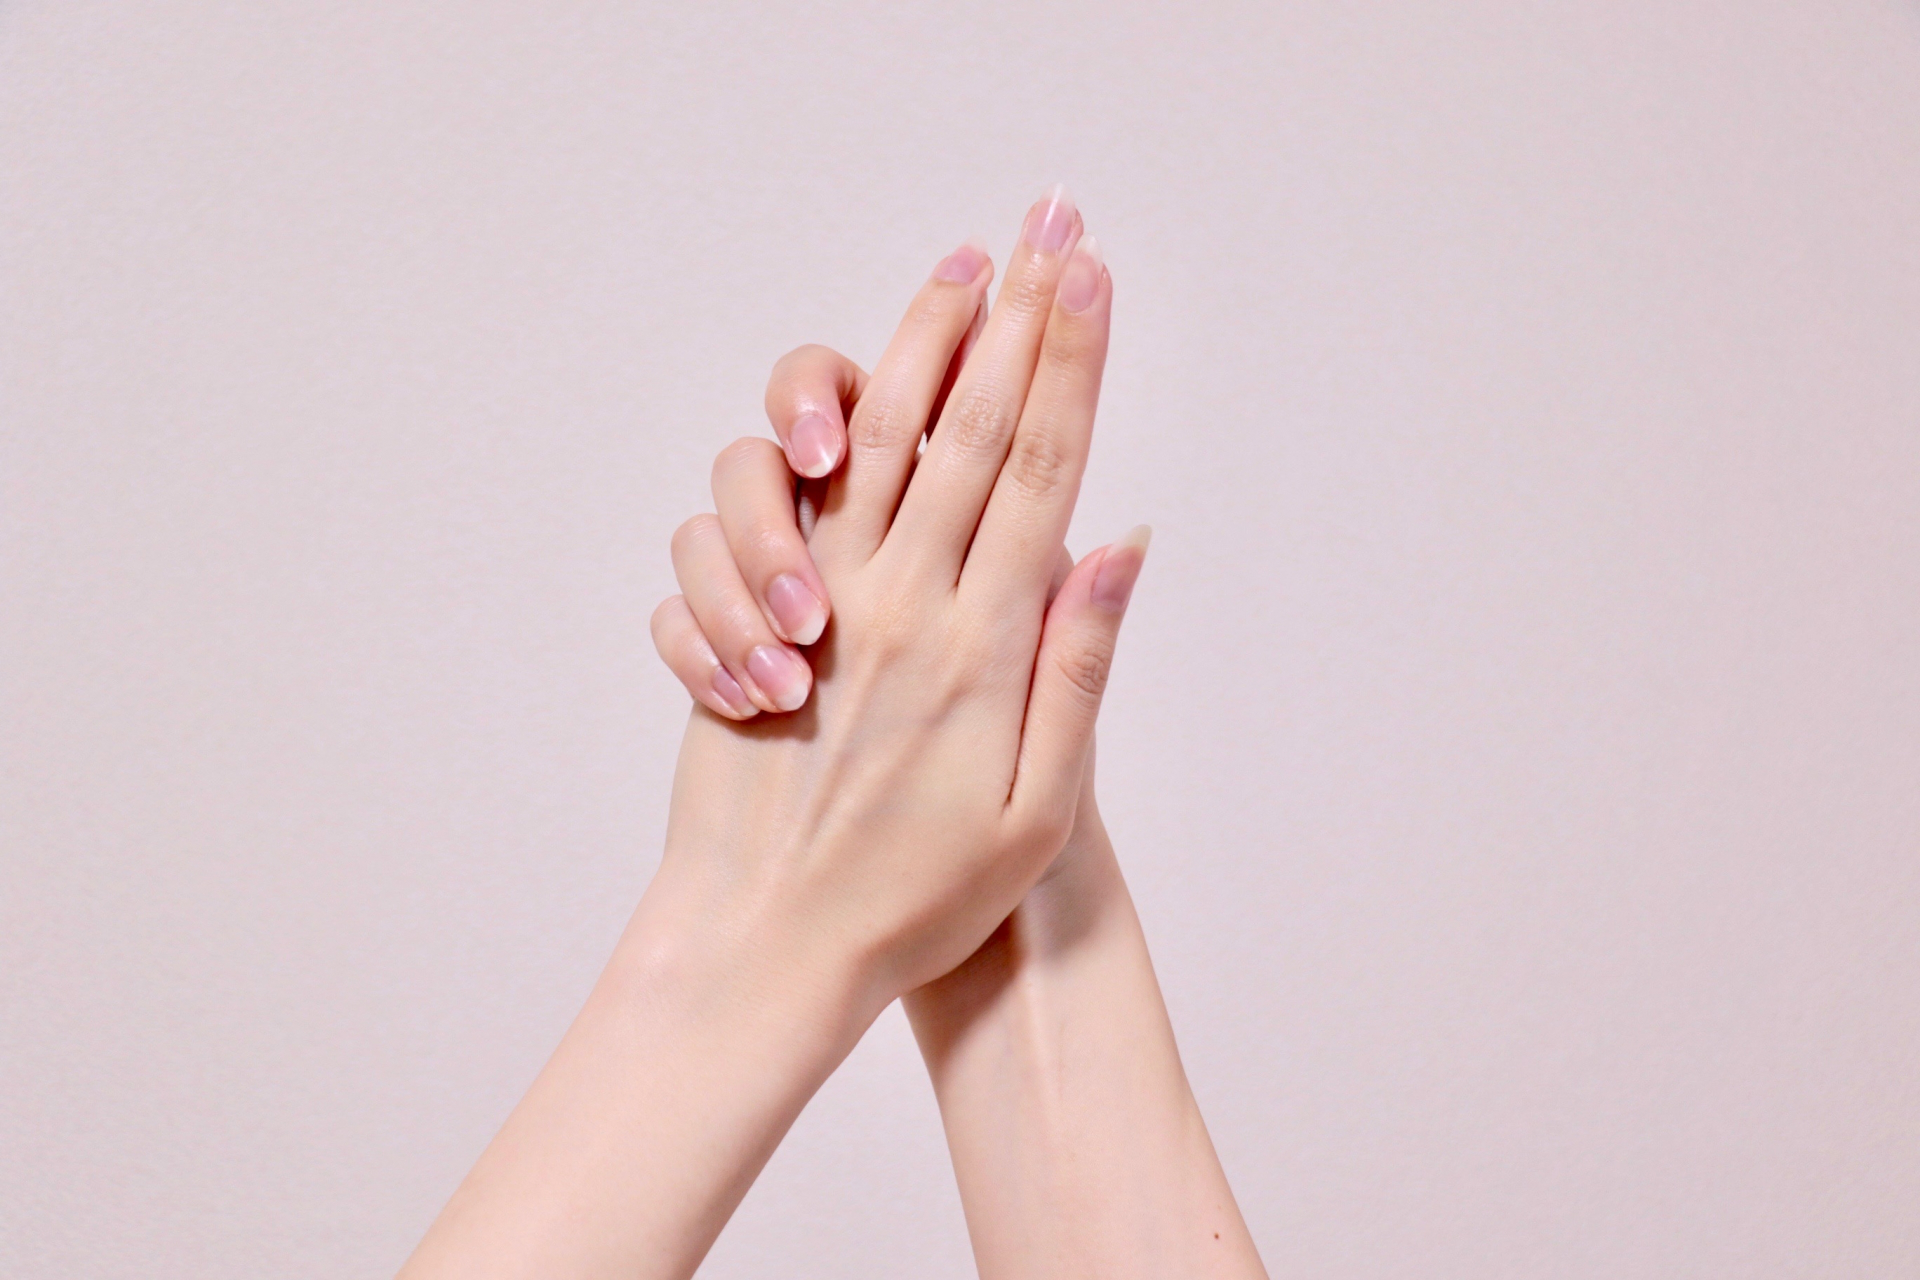 指が痛い!考えられる疾患8選